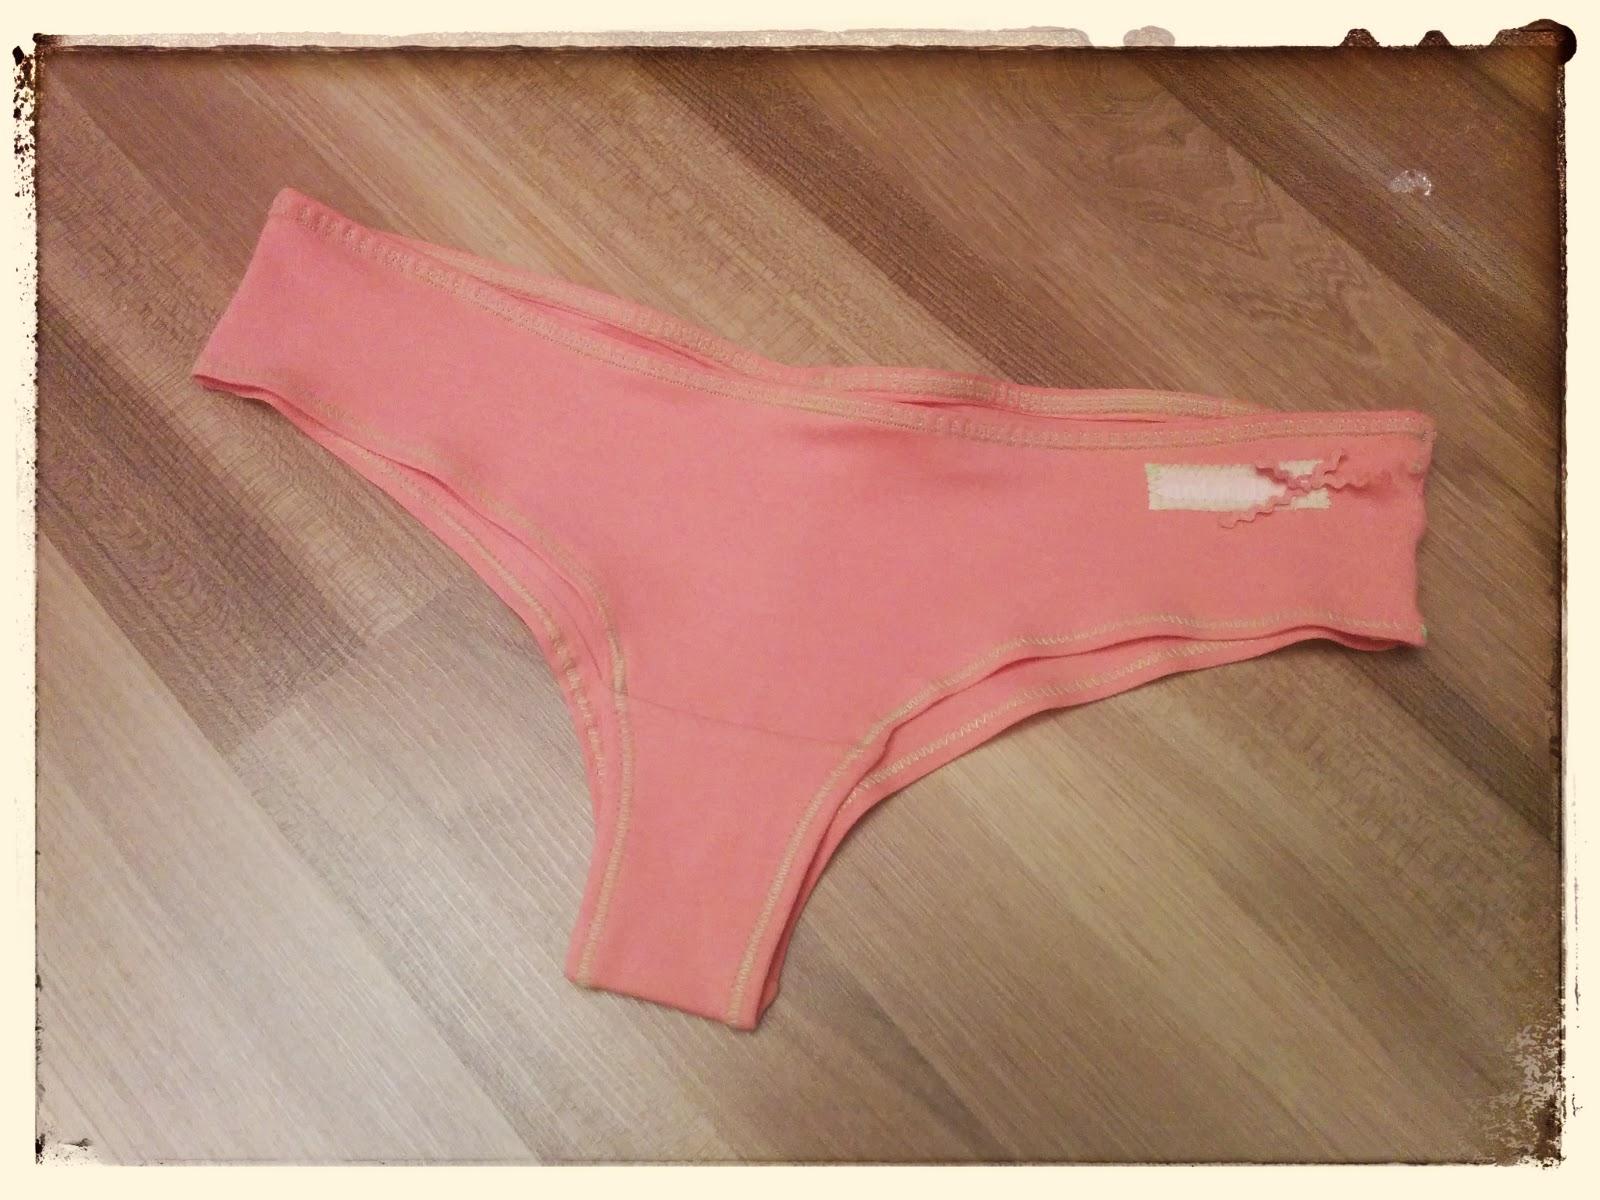 Neue Pantie für den Schrank! ⋆ KaRToFFeLTiGeR - der Blog